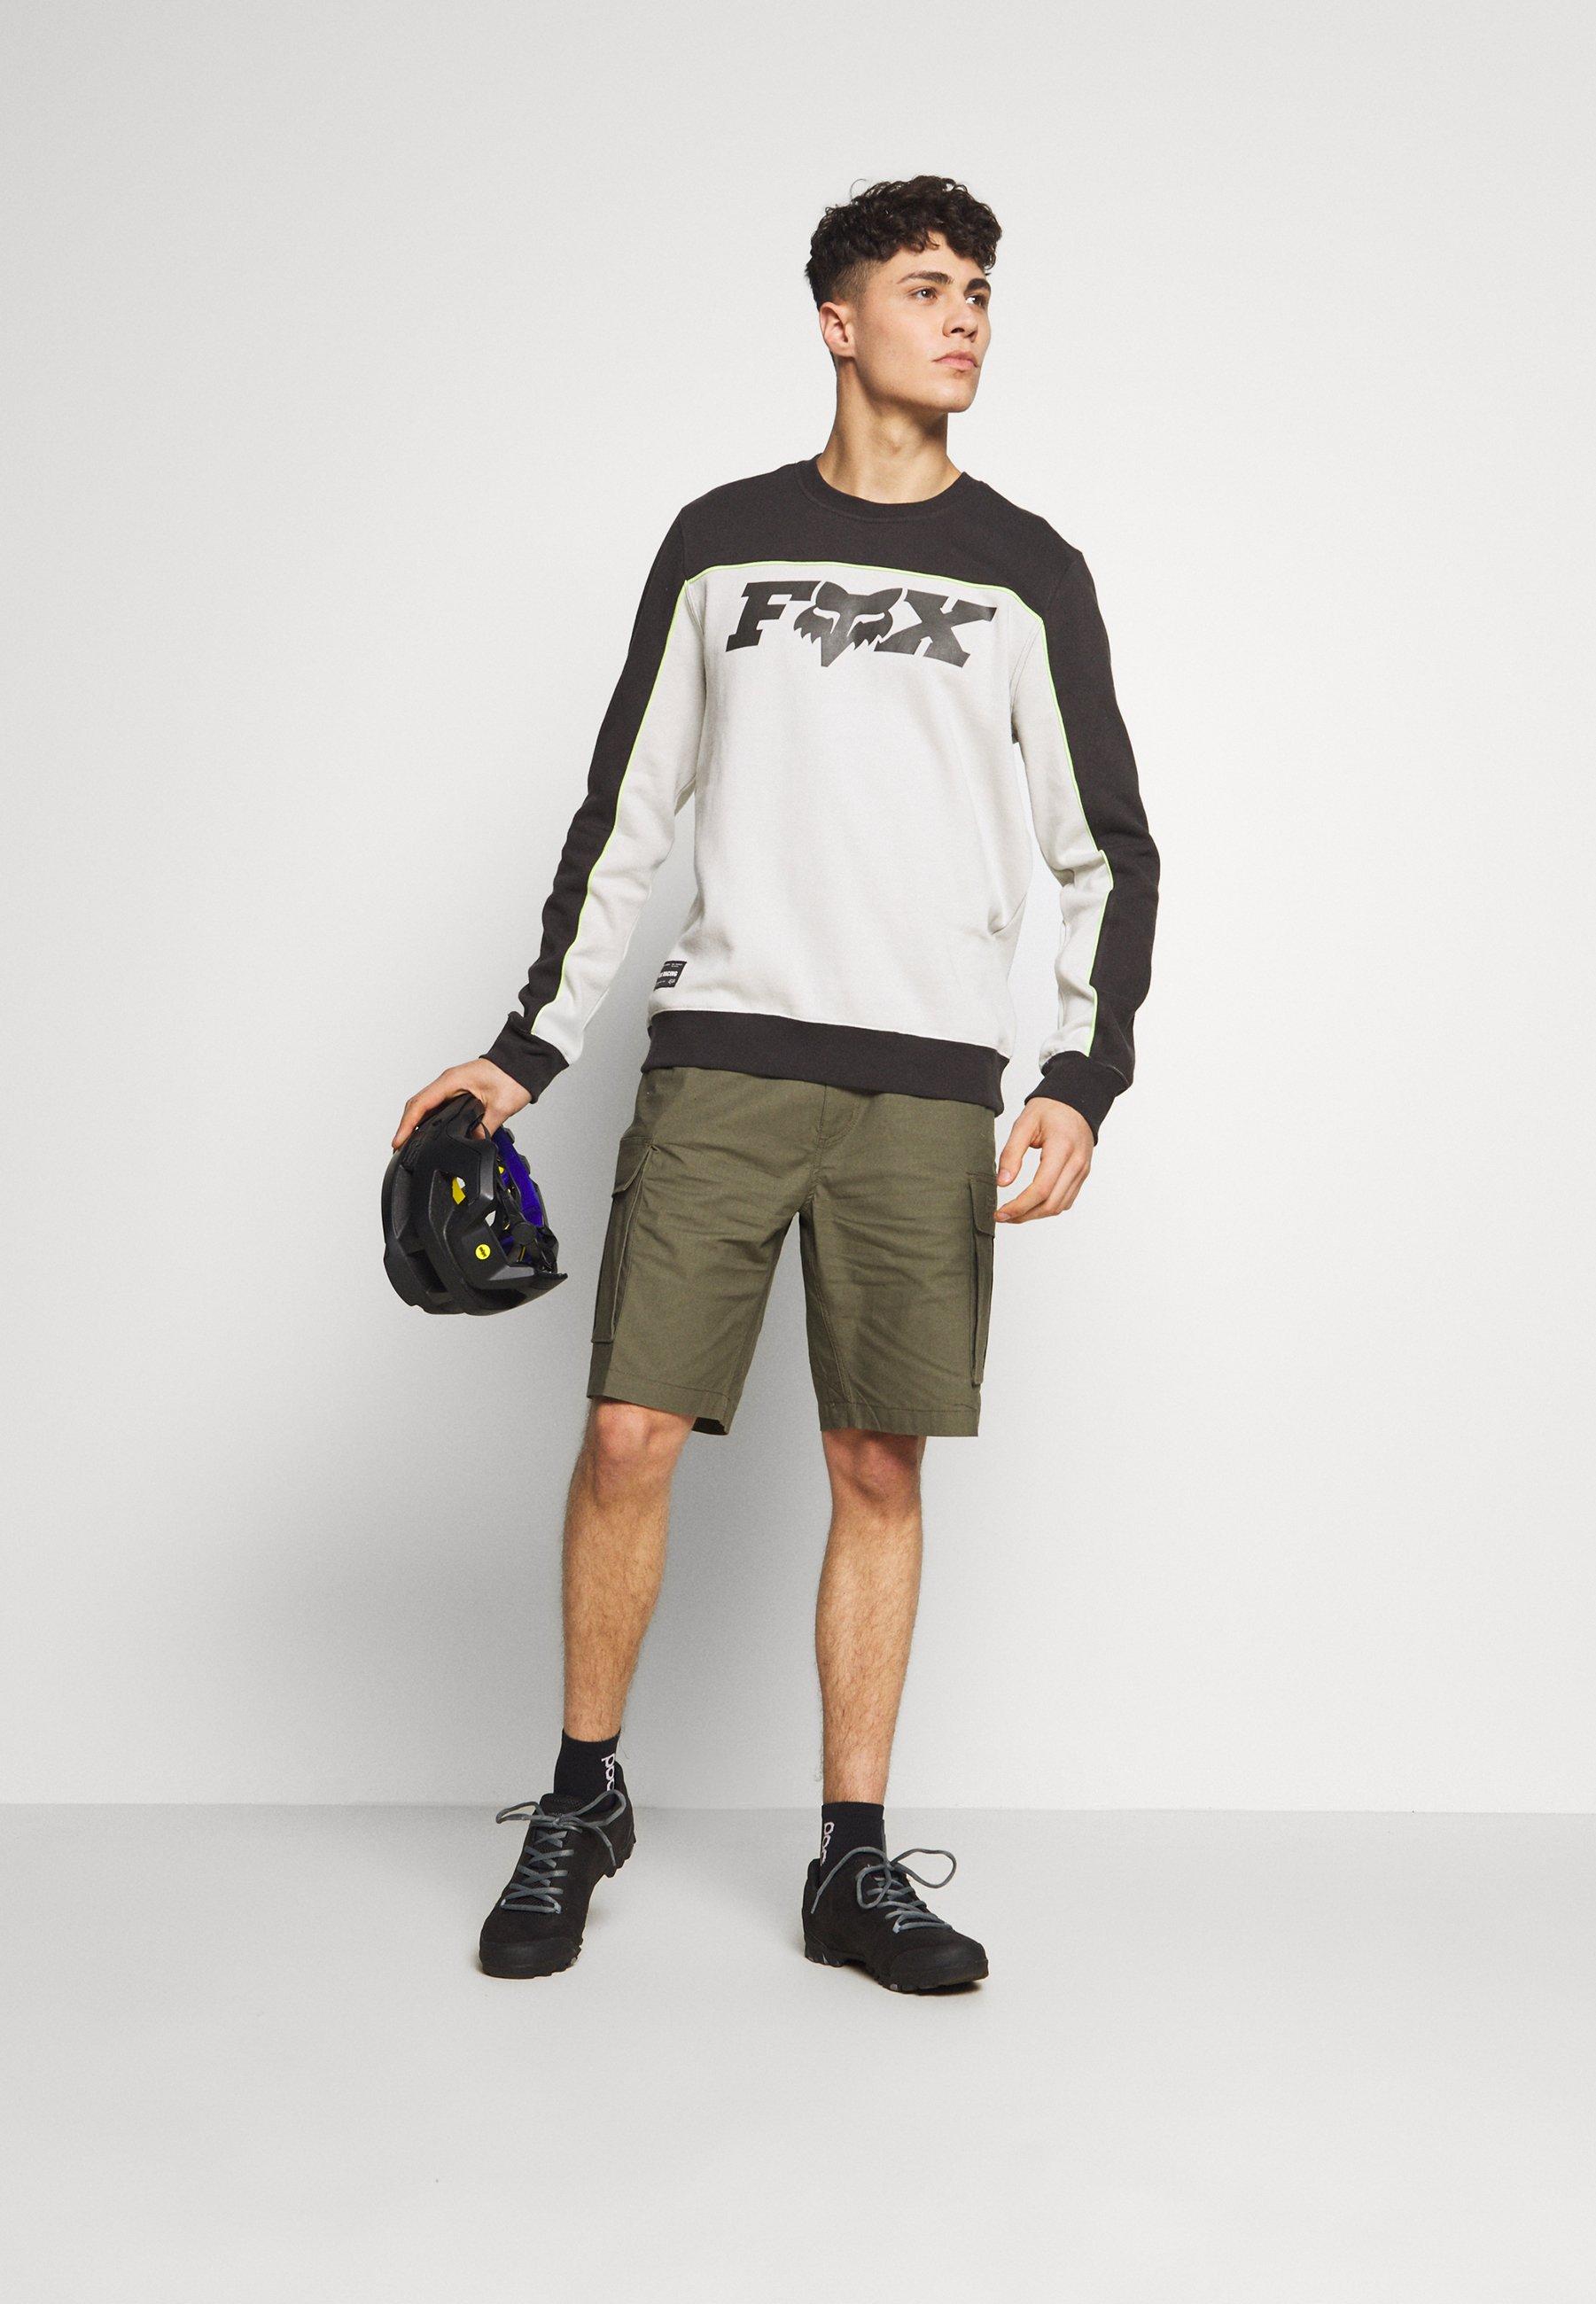 Fox Racing Miller Crew - Sweatshirt Black Vintage VnpcJbf